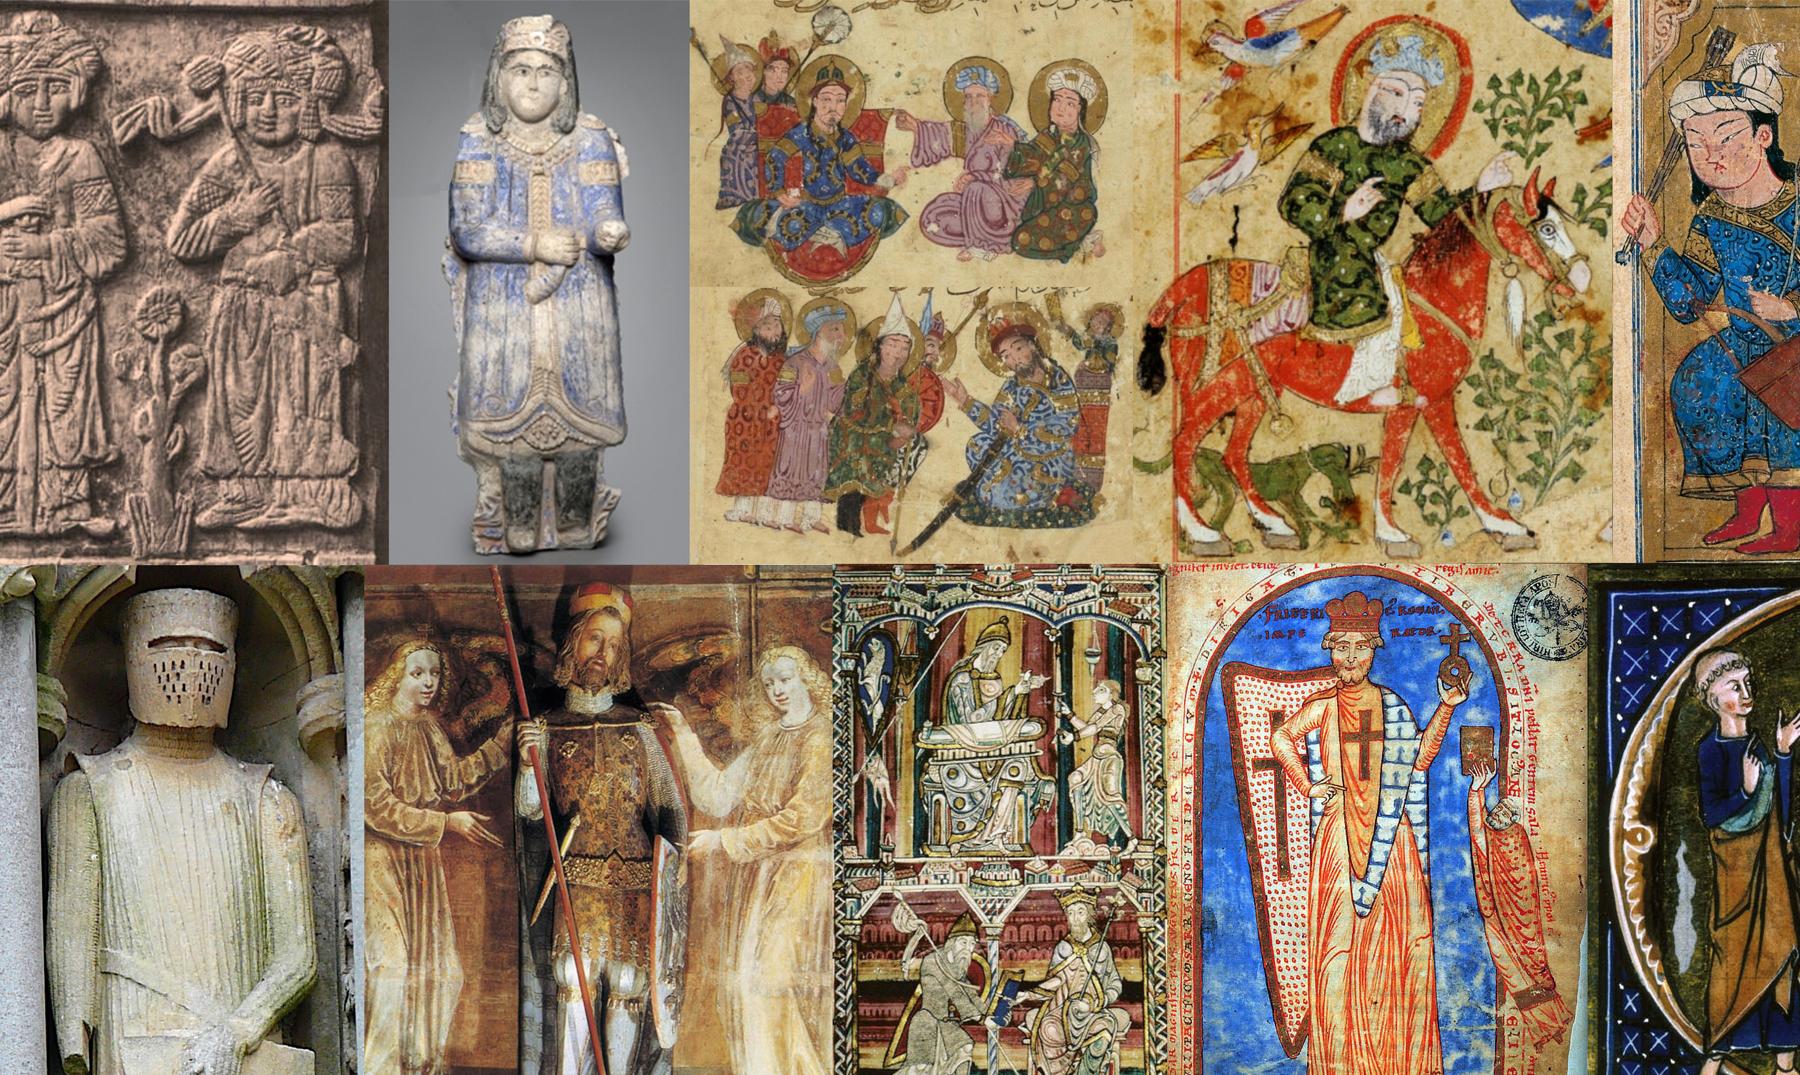 Año 1000 después de Cristo: cuando no se acabó el mundo